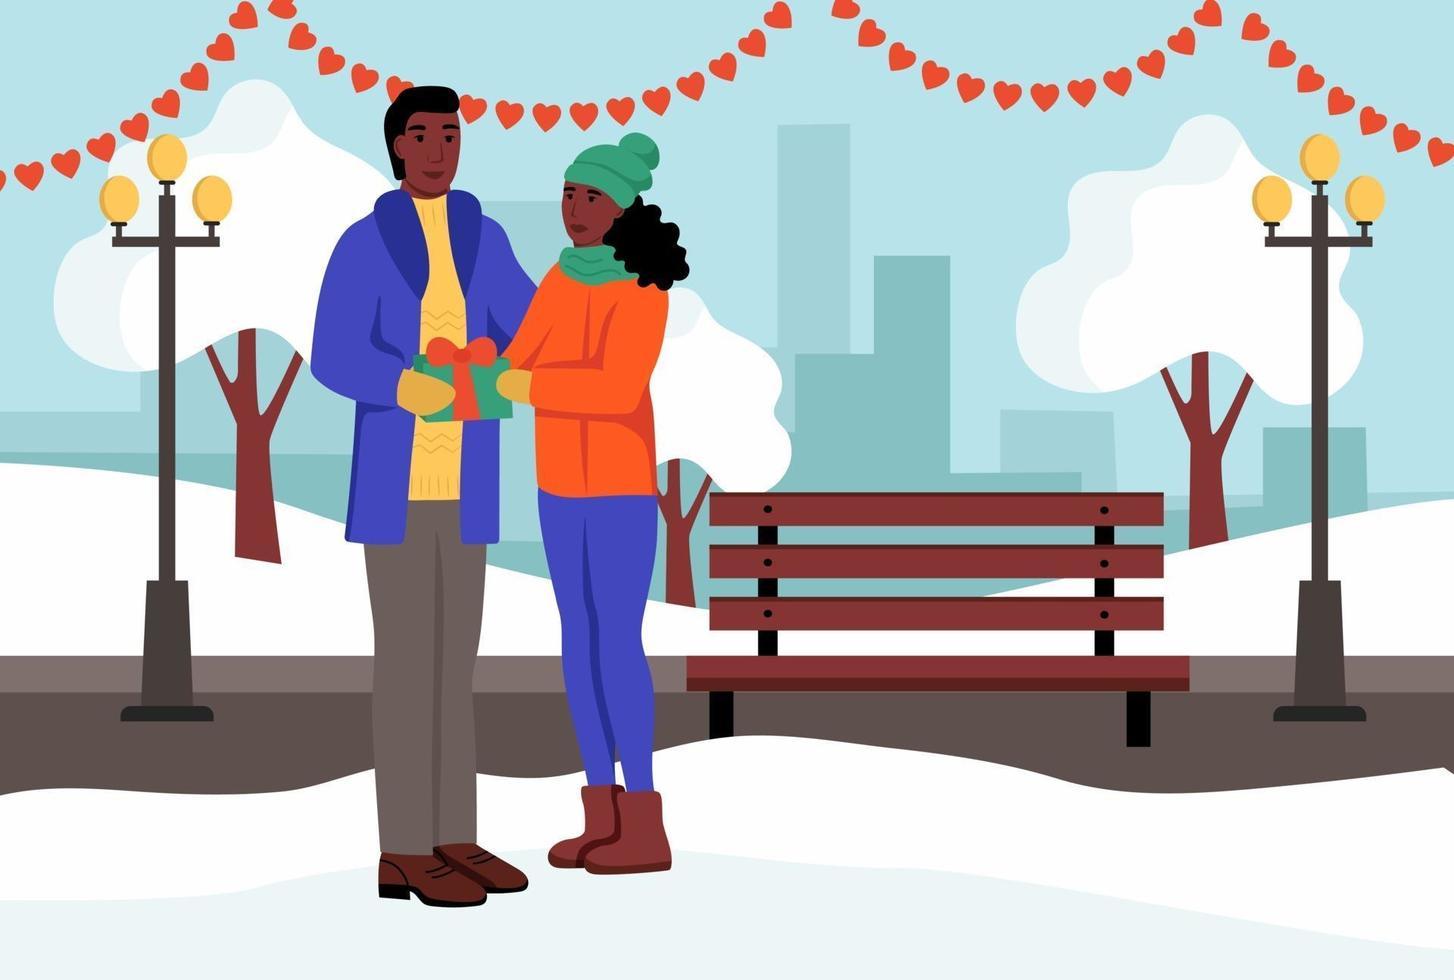 um casal troca presentes em um parque de inverno. um jovem e uma jovem comemoram o dia dos namorados. ilustração vetorial plana. vetor